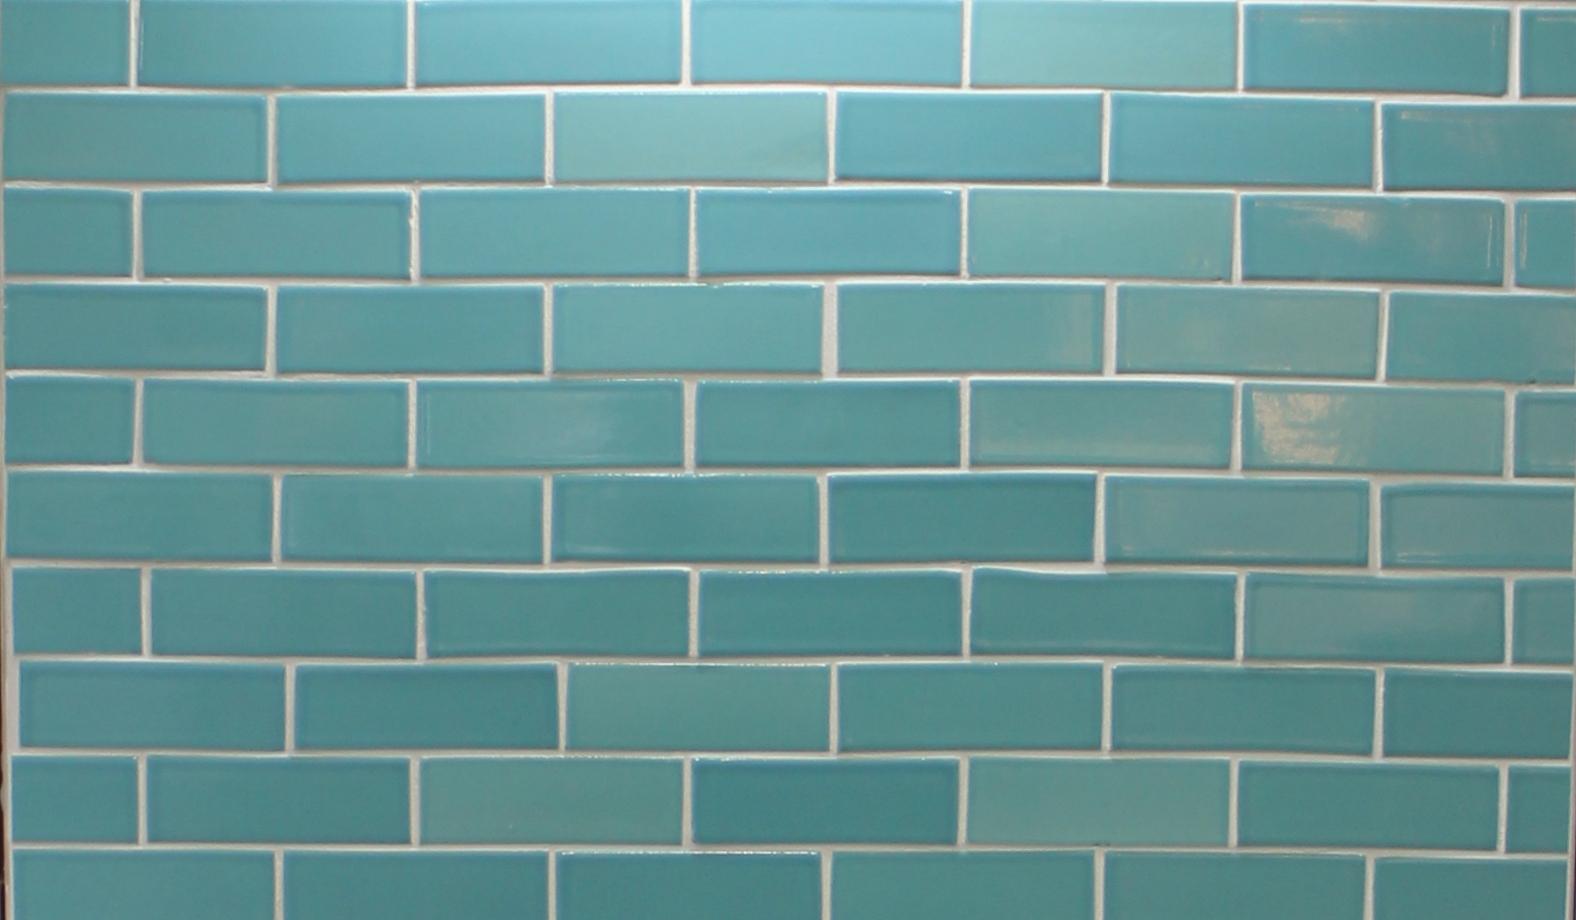 Trikeenan Tileworks - Handcrafted Ceramic Tile